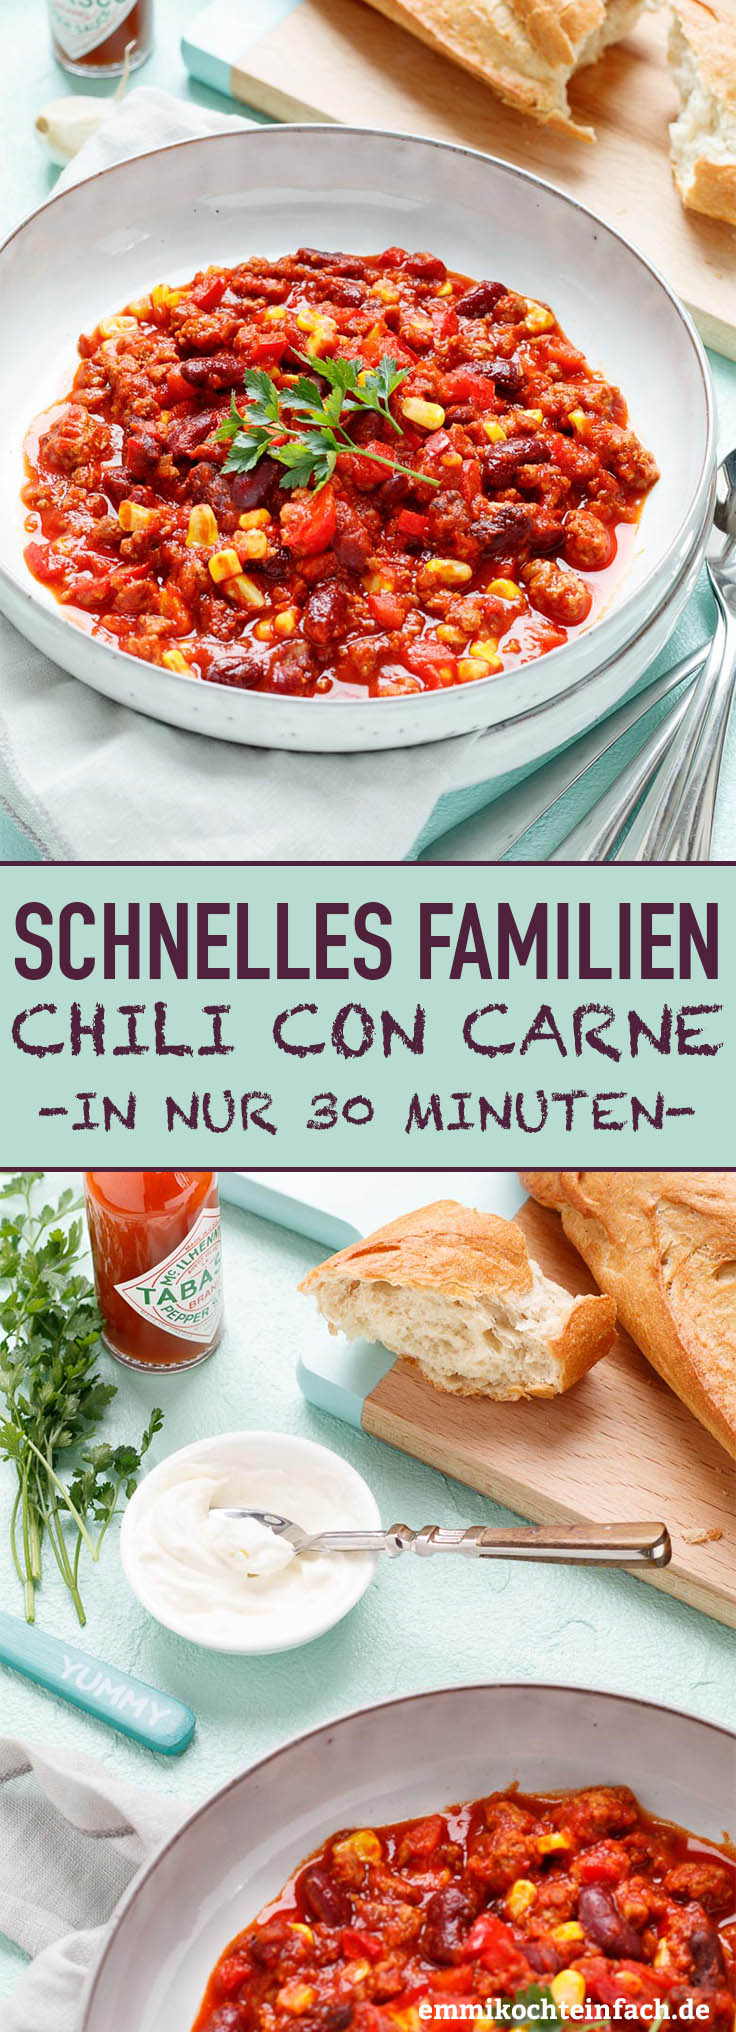 Schnelles Familien Chili con Carne - www.emmikochteinfach.de